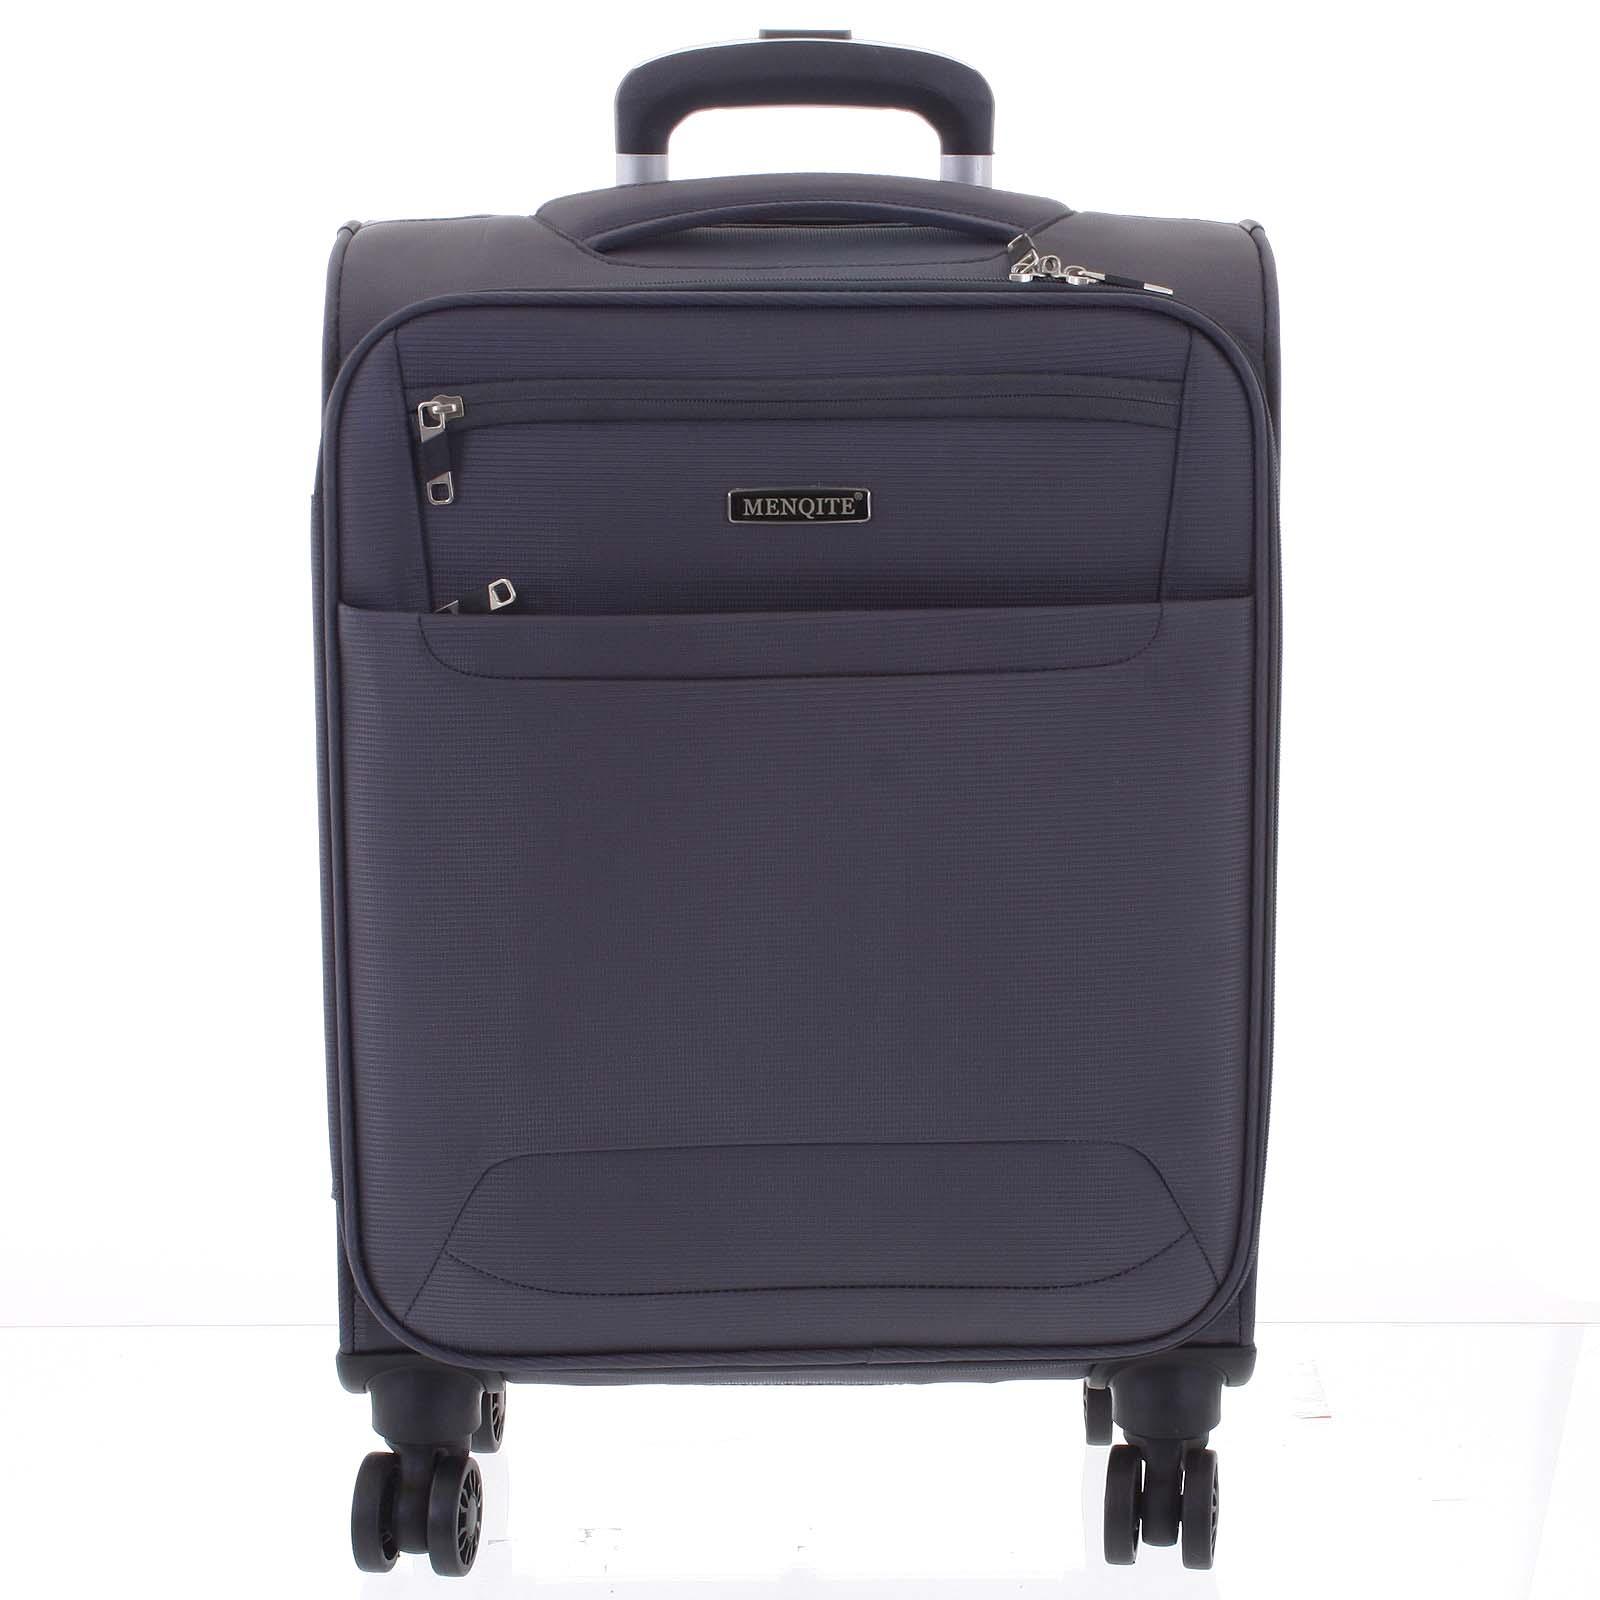 Nadčasový lehký látkový cestovní kufr šedý - Menqite Timeless S